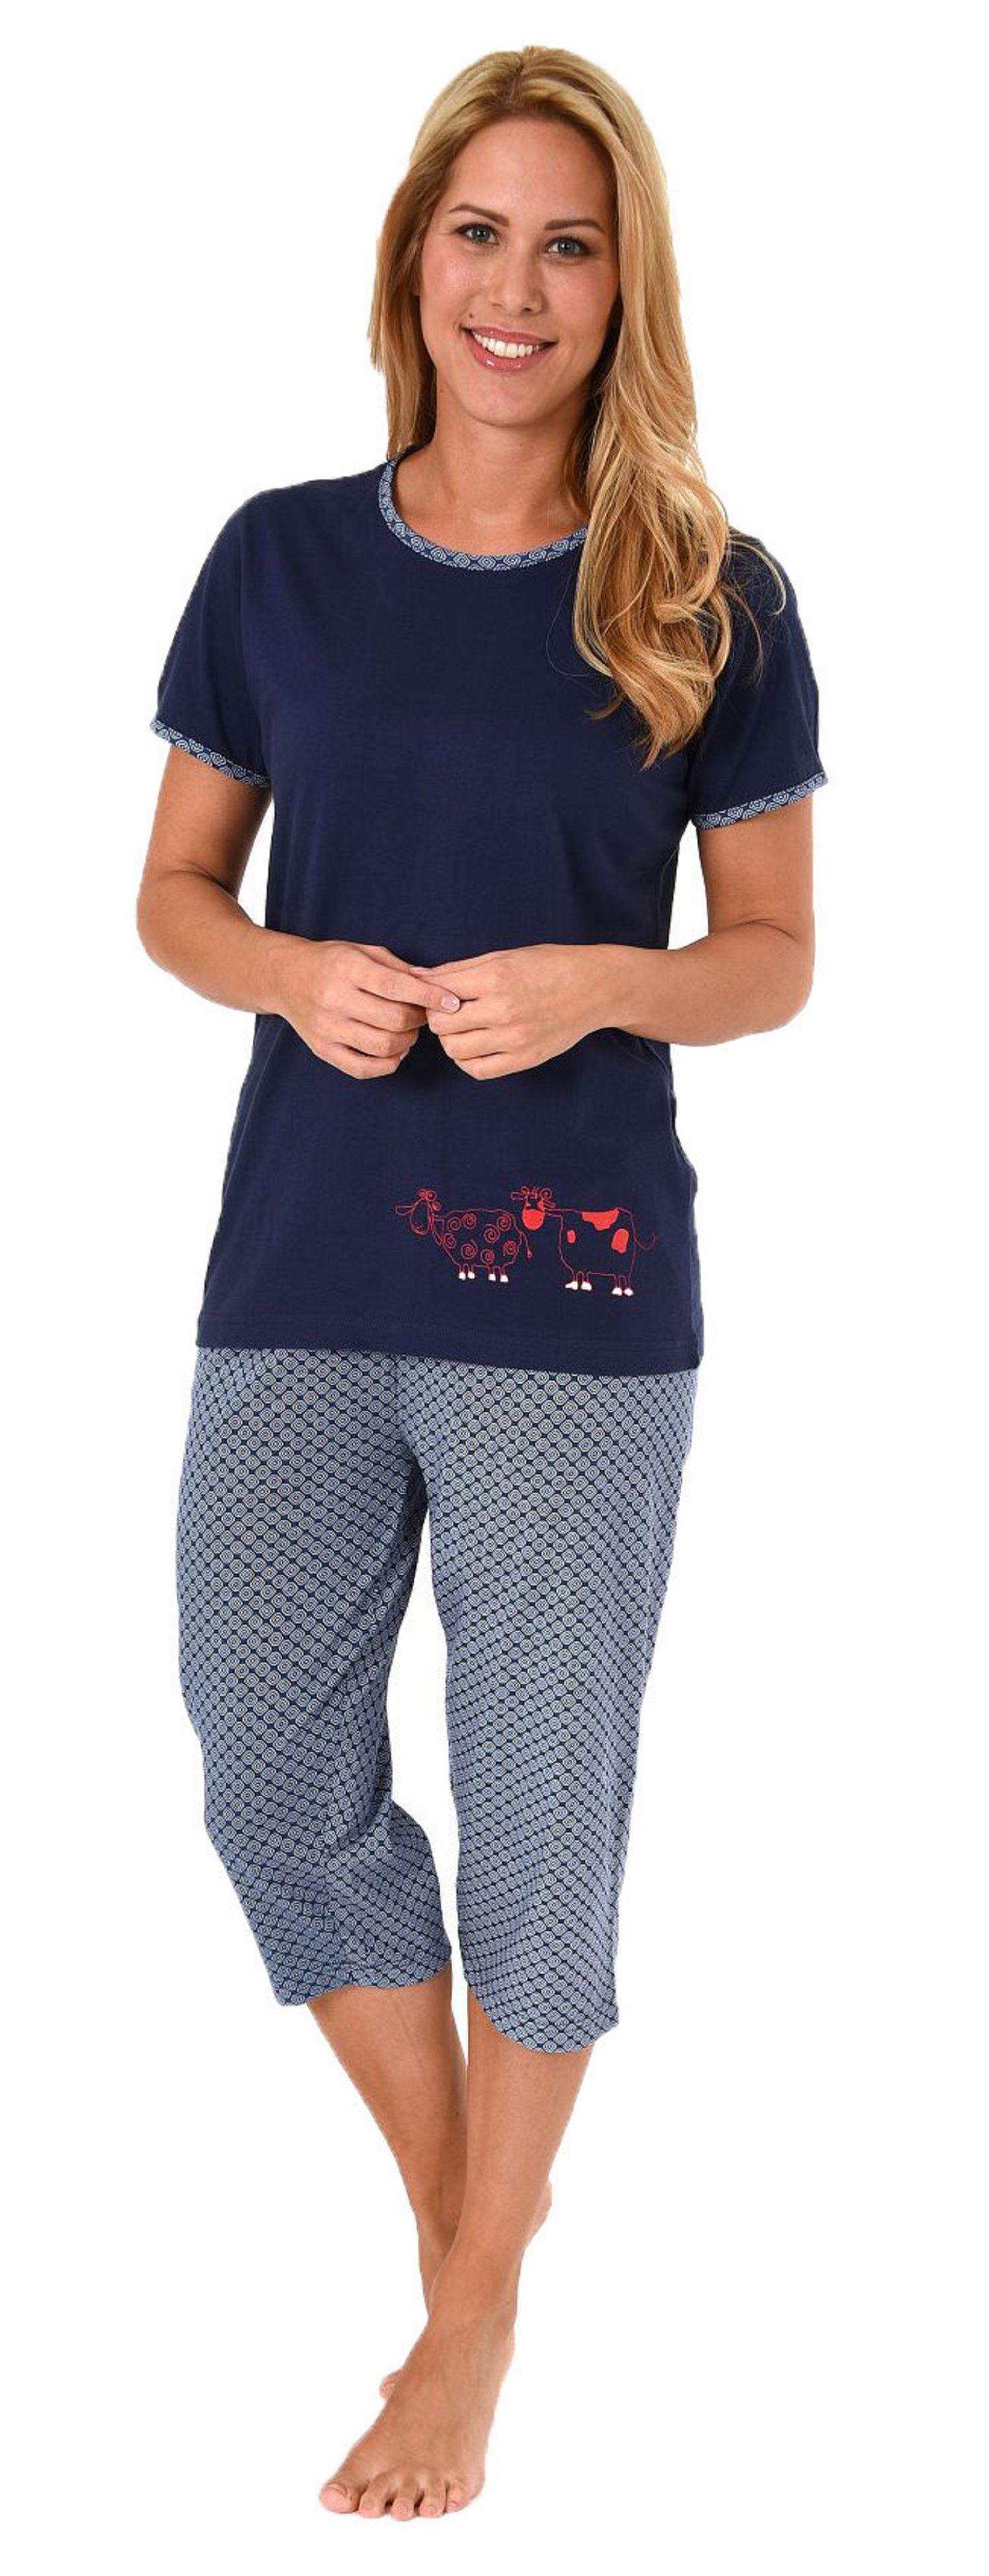 Damen Capri Pyjama kurzarm Schlafanzug mit süssen Tiermotiv - 60853